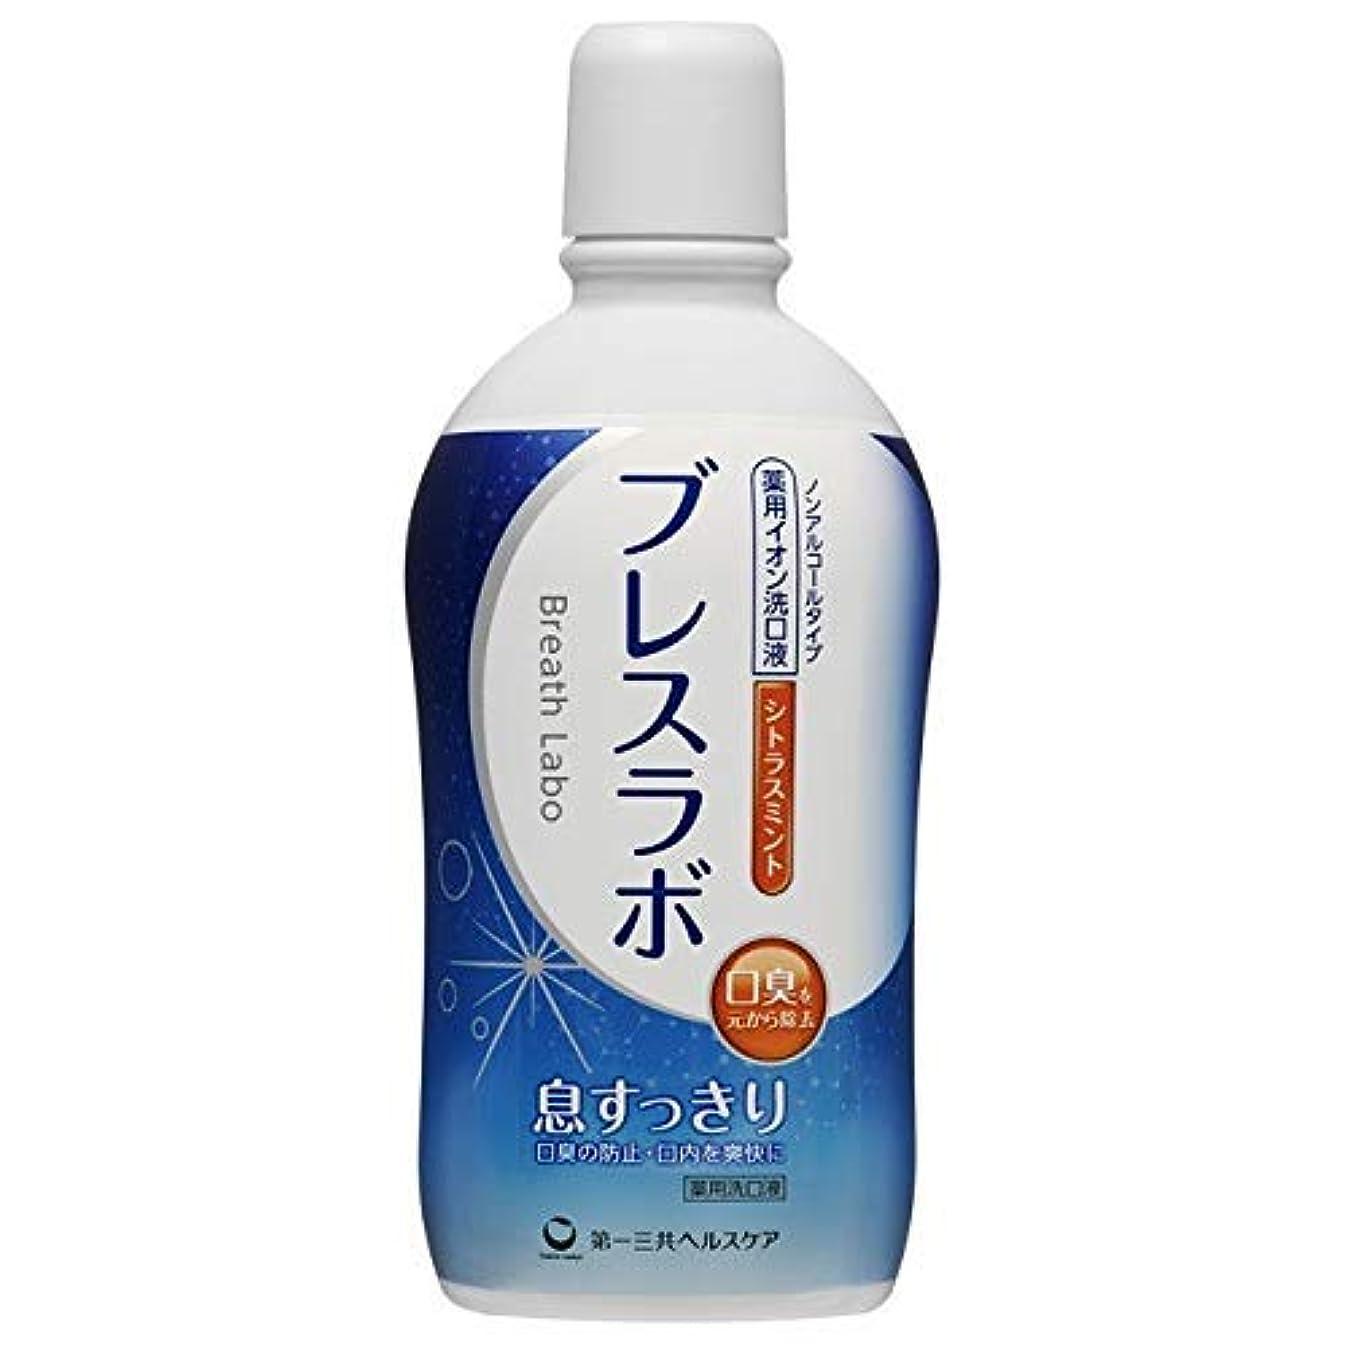 王室弁護士上下する第一三共ヘルスケア 薬用イオン洗口液 ブレスラボ マウスウォッシュ シトラスミント 450mL